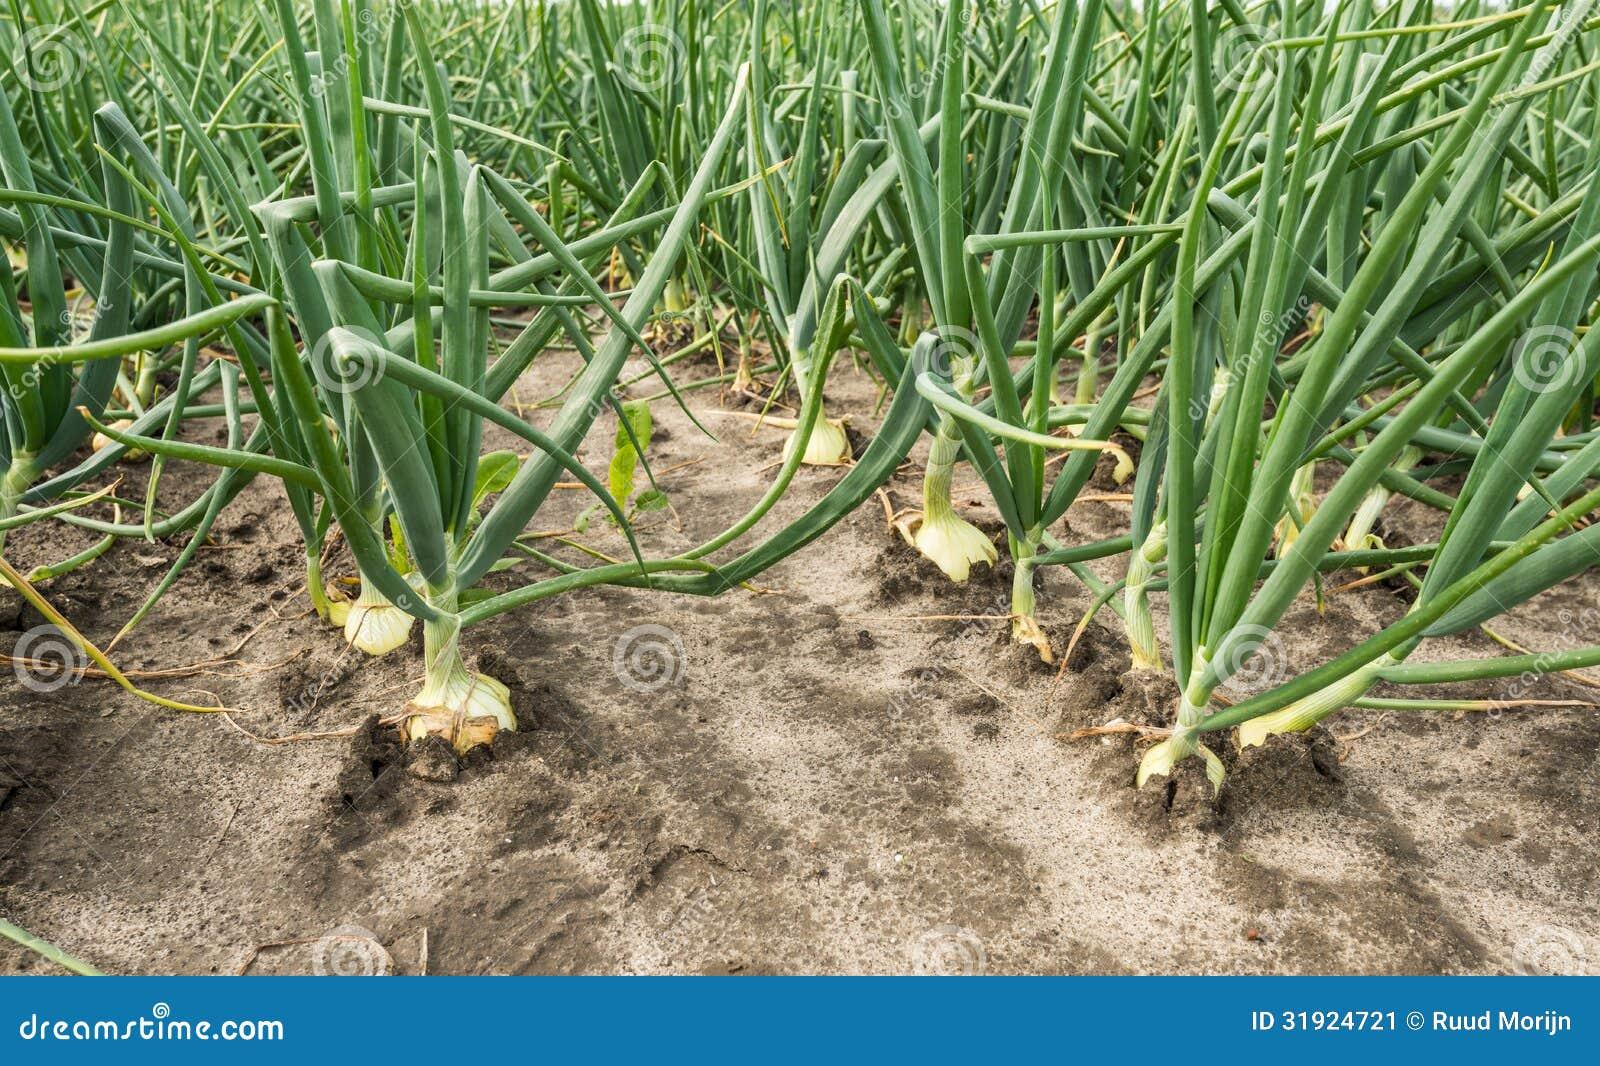 plantas de cebolla en la horticultura al aire libre imagen